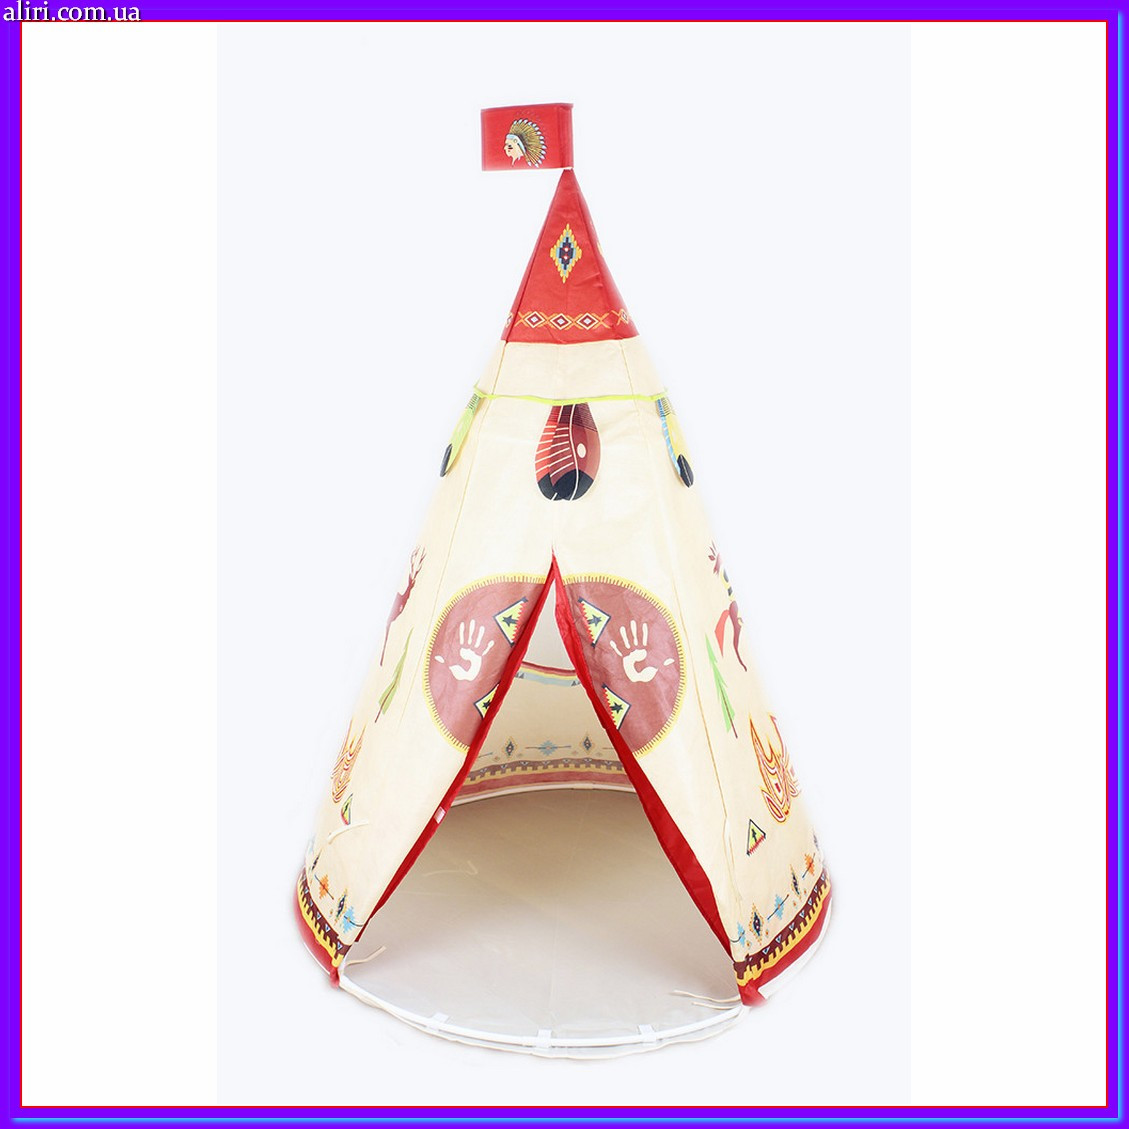 """Детская палатка """"Вигвам"""" YJ 889-179B 160 см"""